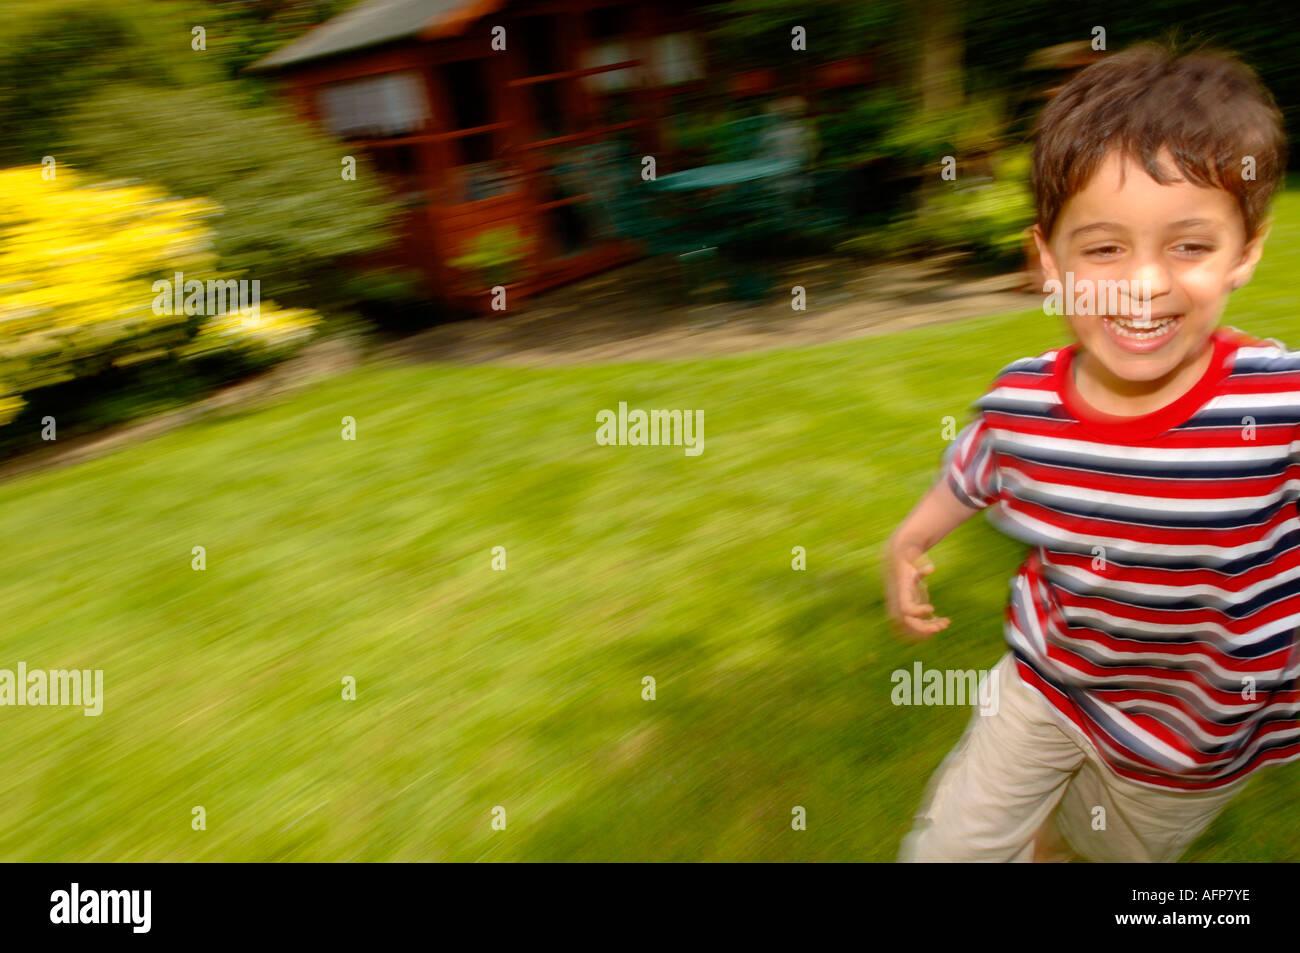 child running - Stock Image